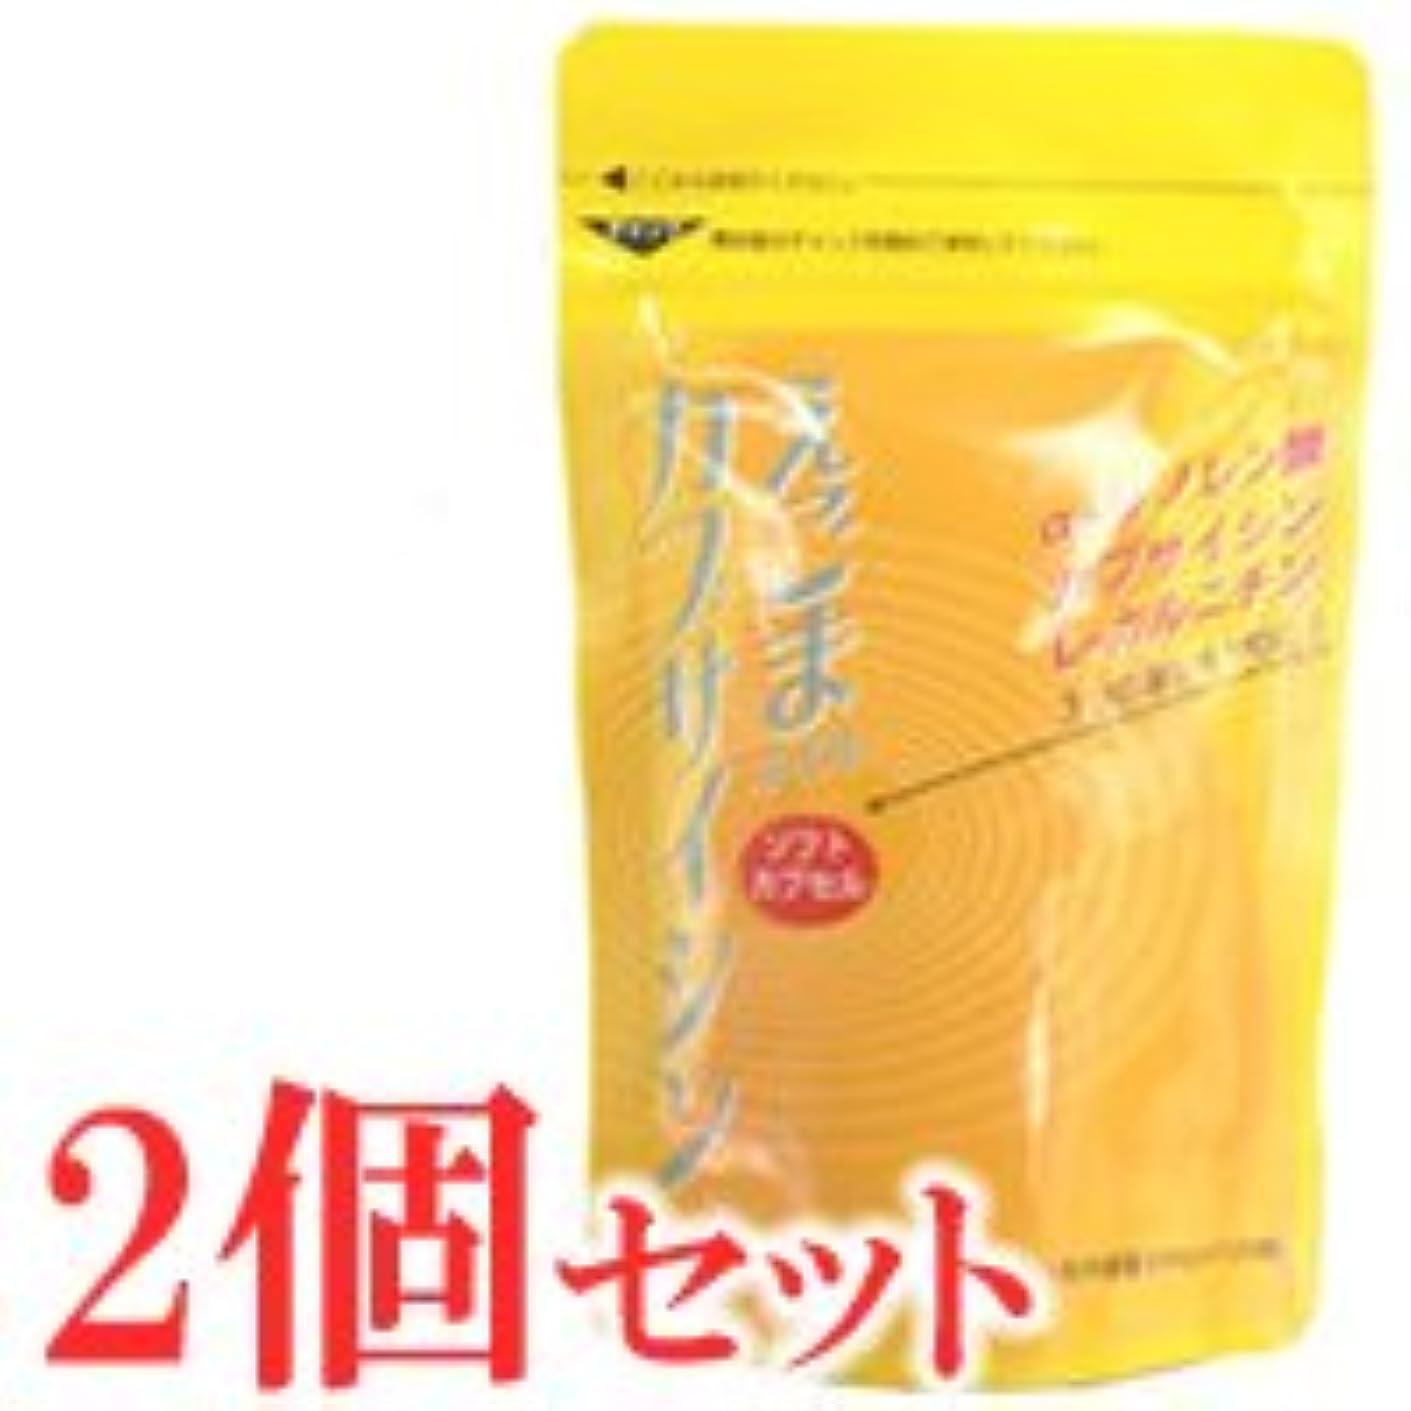 中断に慣れフランクワースリーえごまオイル カプサイシン 120粒×2袋セット(ソフトカプセル)